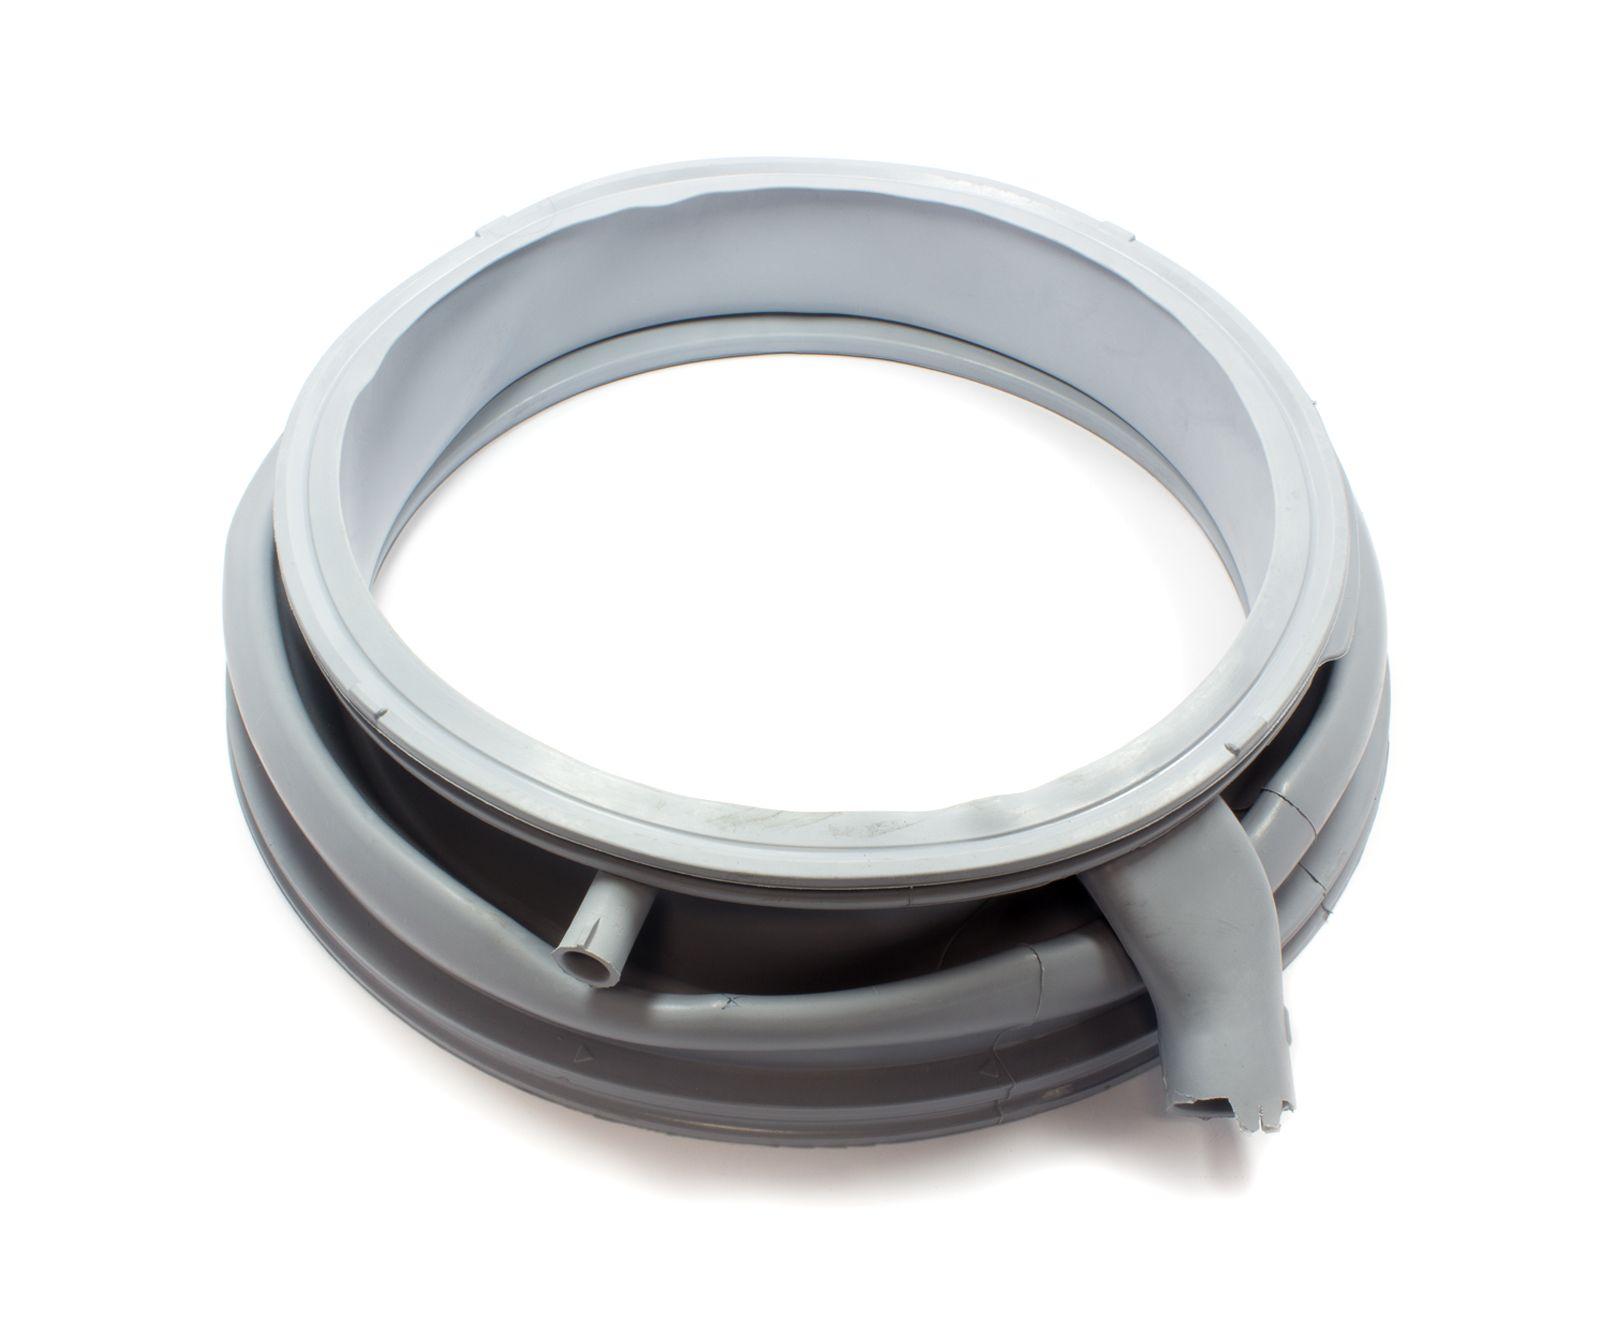 těsnění dveří, manžeta do pračky Bosch Siemens - 00680405 Bosch / Siemens